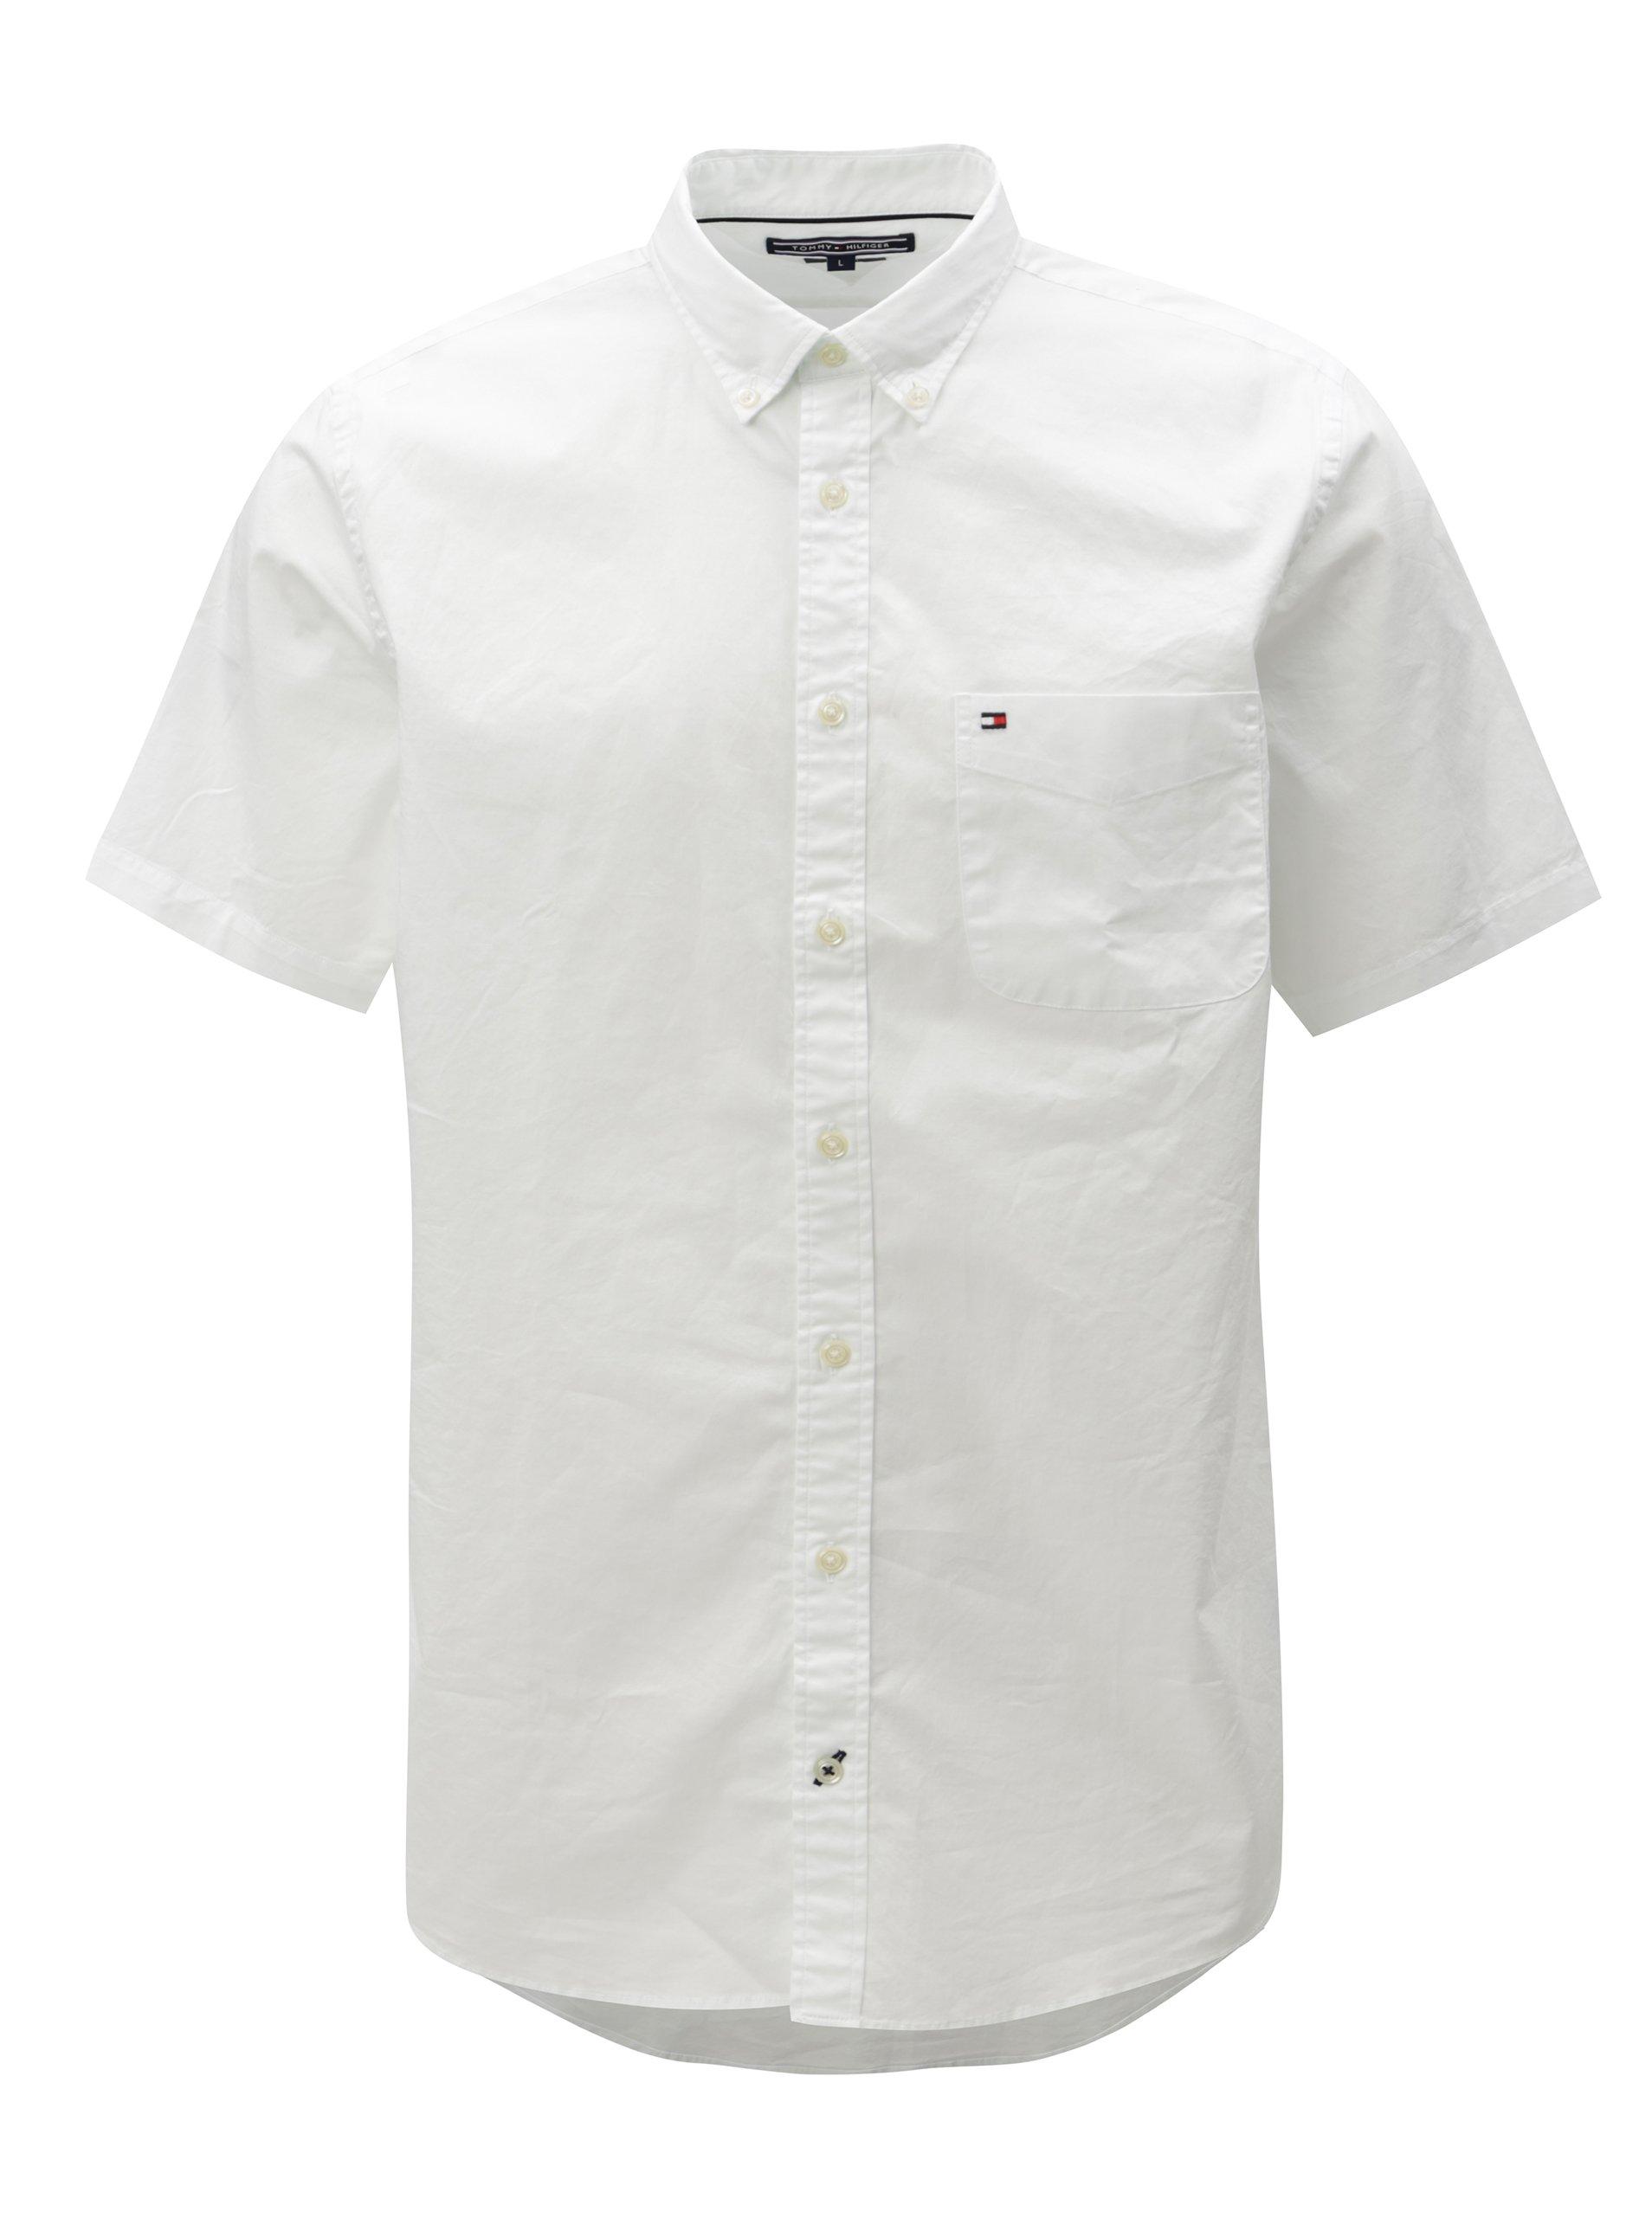 Bílá pánská košile s krátkým rukávem Tommy Hilfiger b4132ee61f